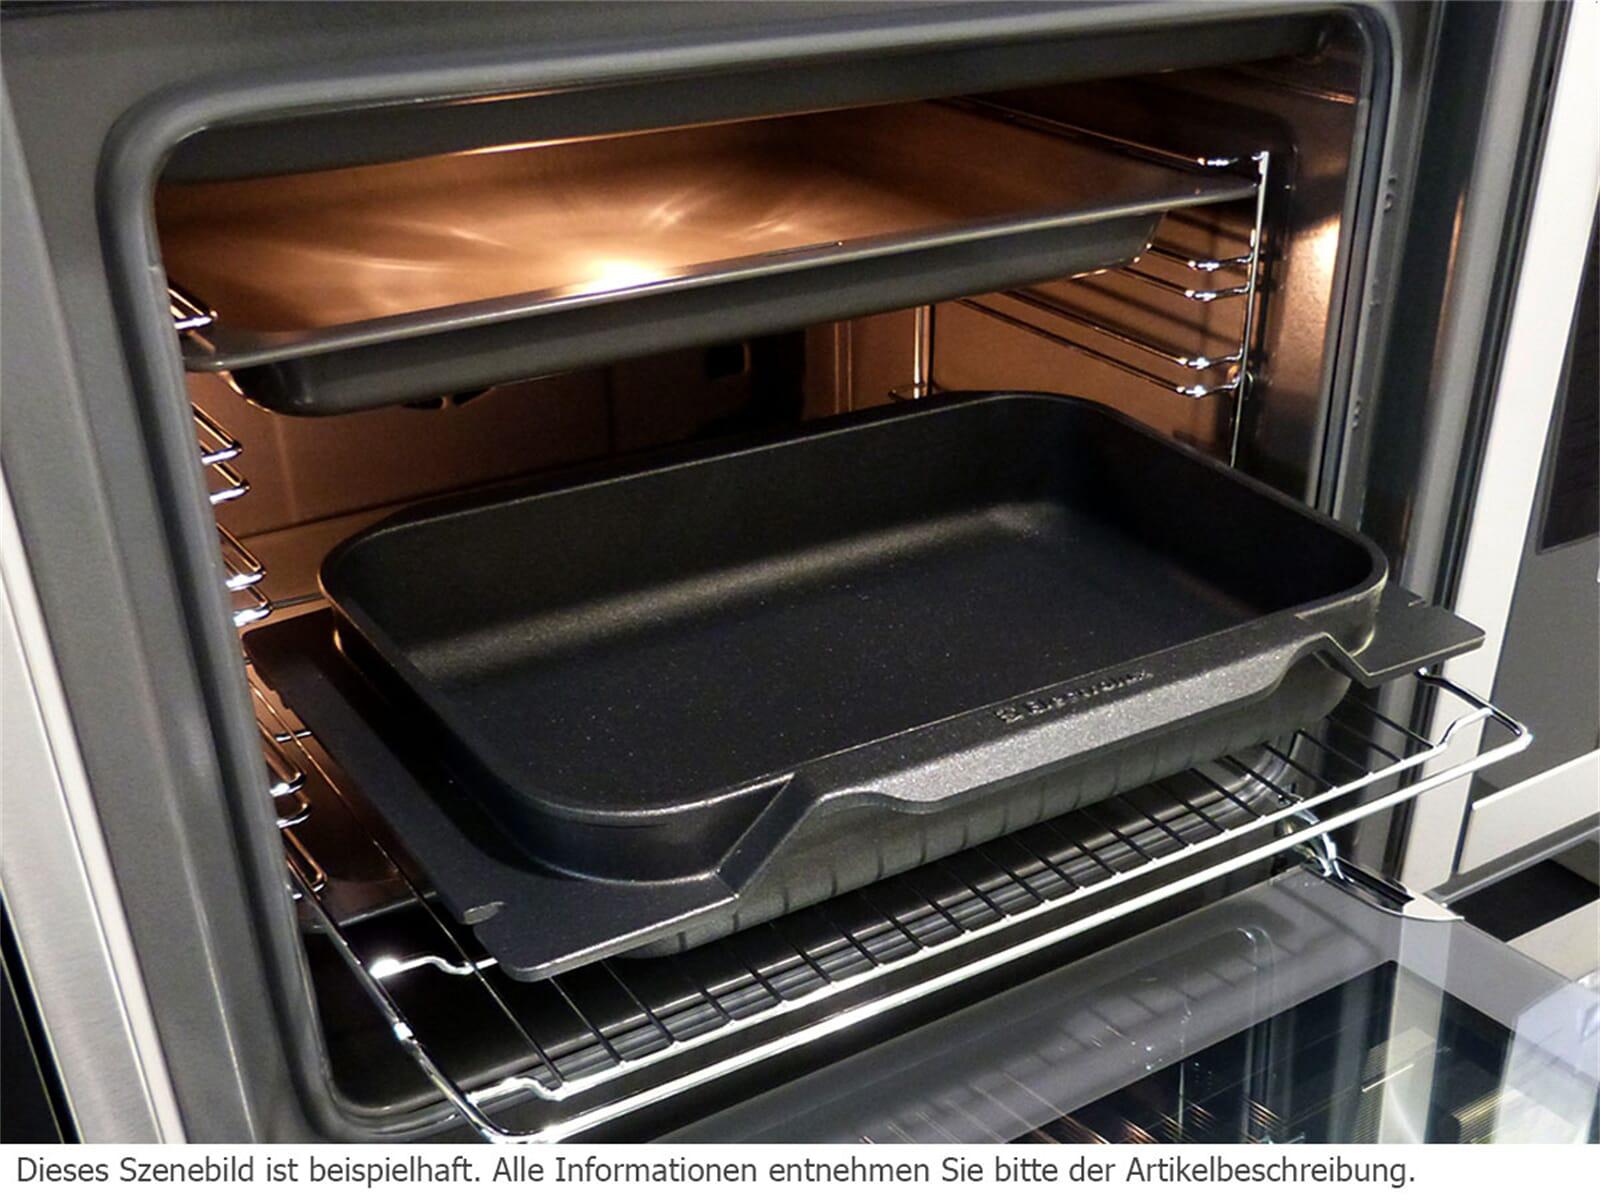 aeg electrolux rpae br ter bratenpfanne backofen pfanne ebay. Black Bedroom Furniture Sets. Home Design Ideas